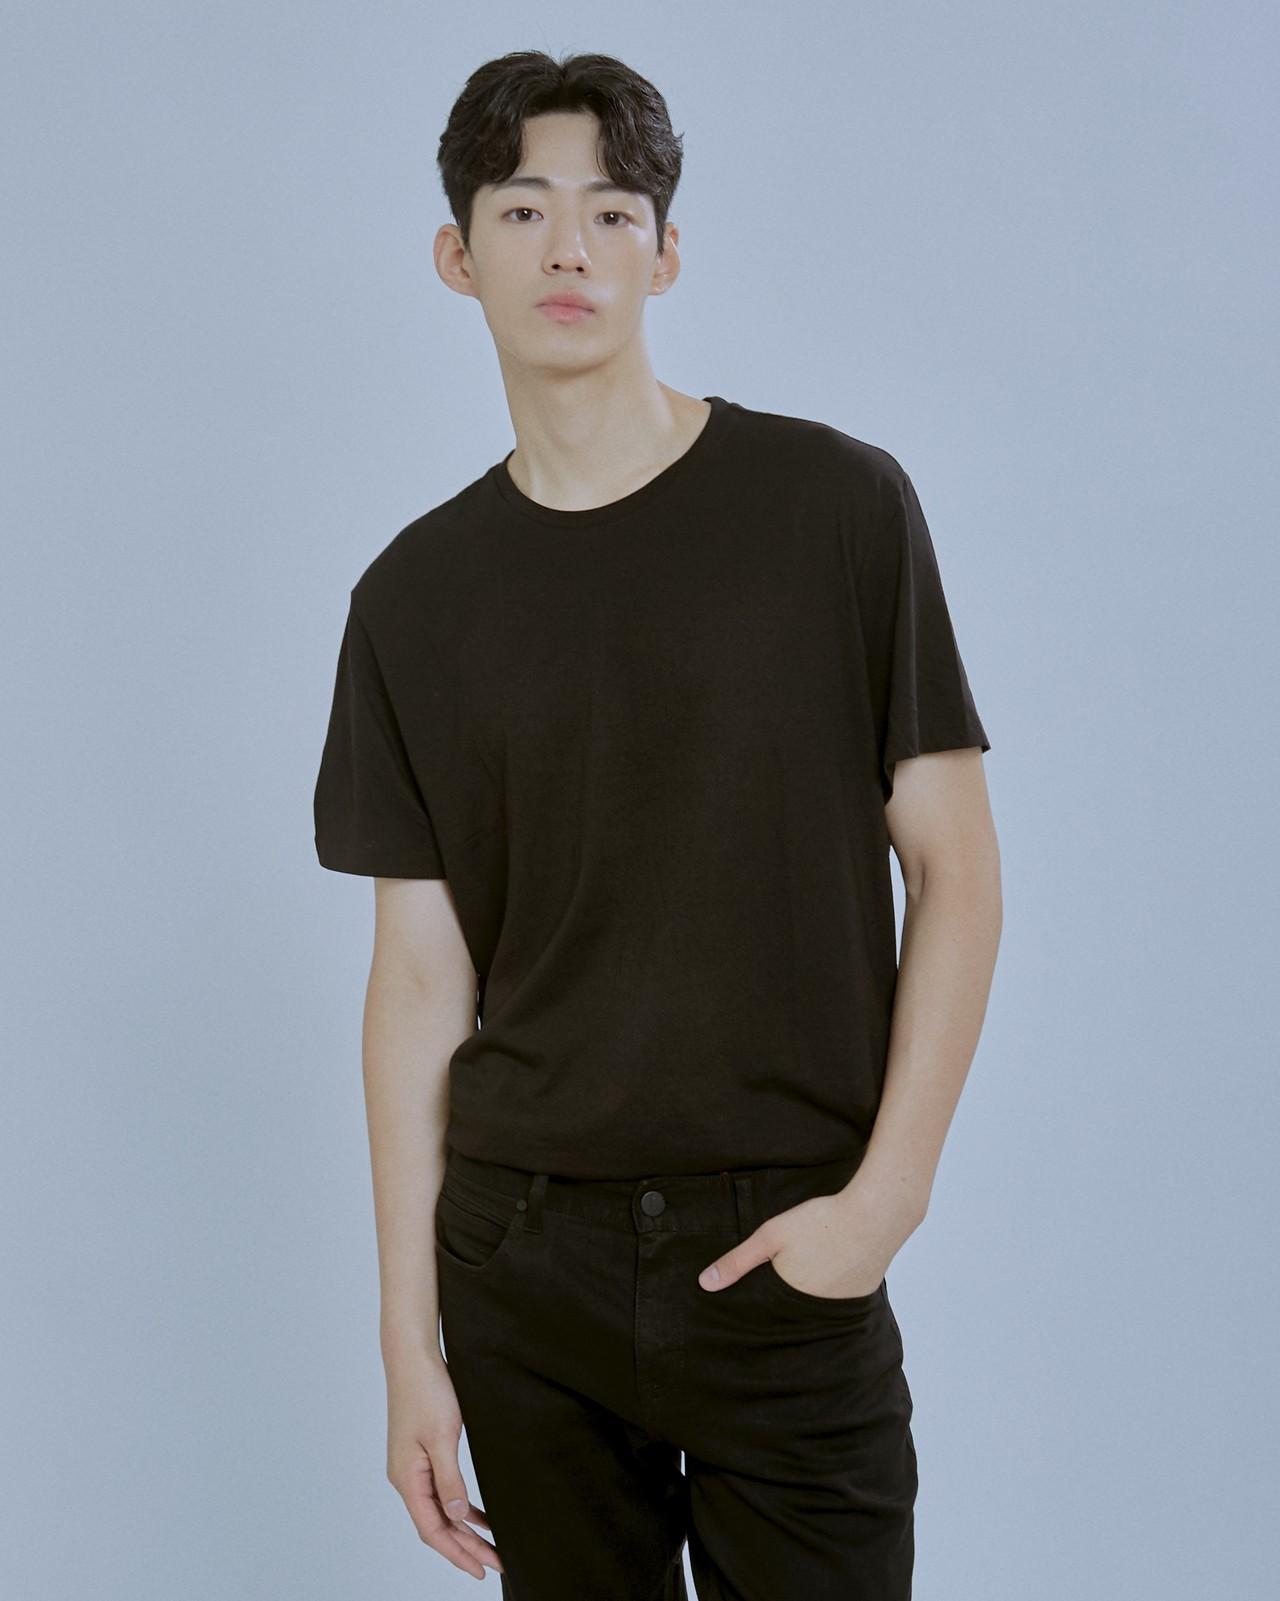 김민제 Minje Kim<br>1997<br>191 30-32 280